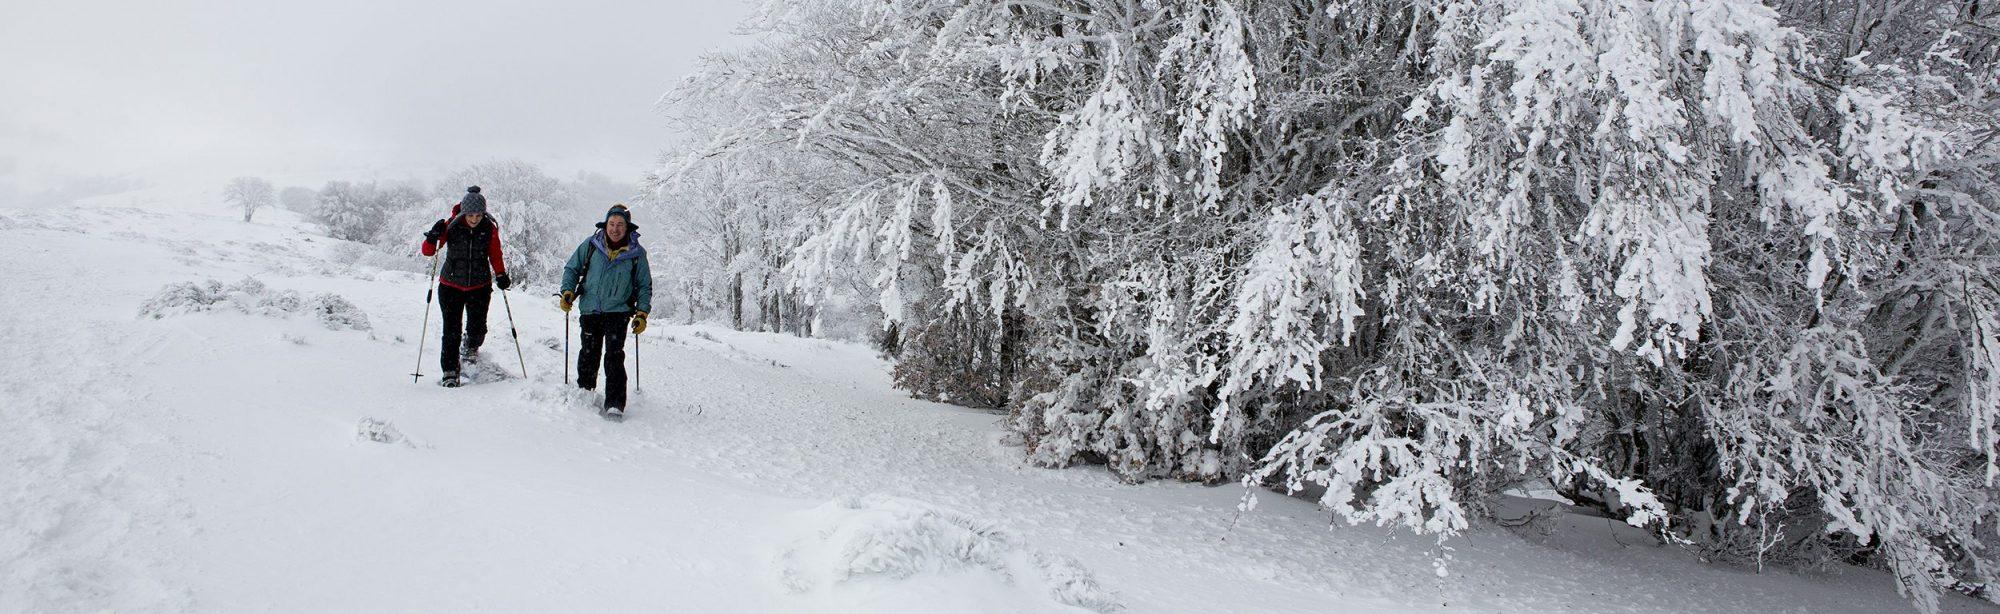 Randonnée en raquettes à neige. Photo ©Pierre Soissons